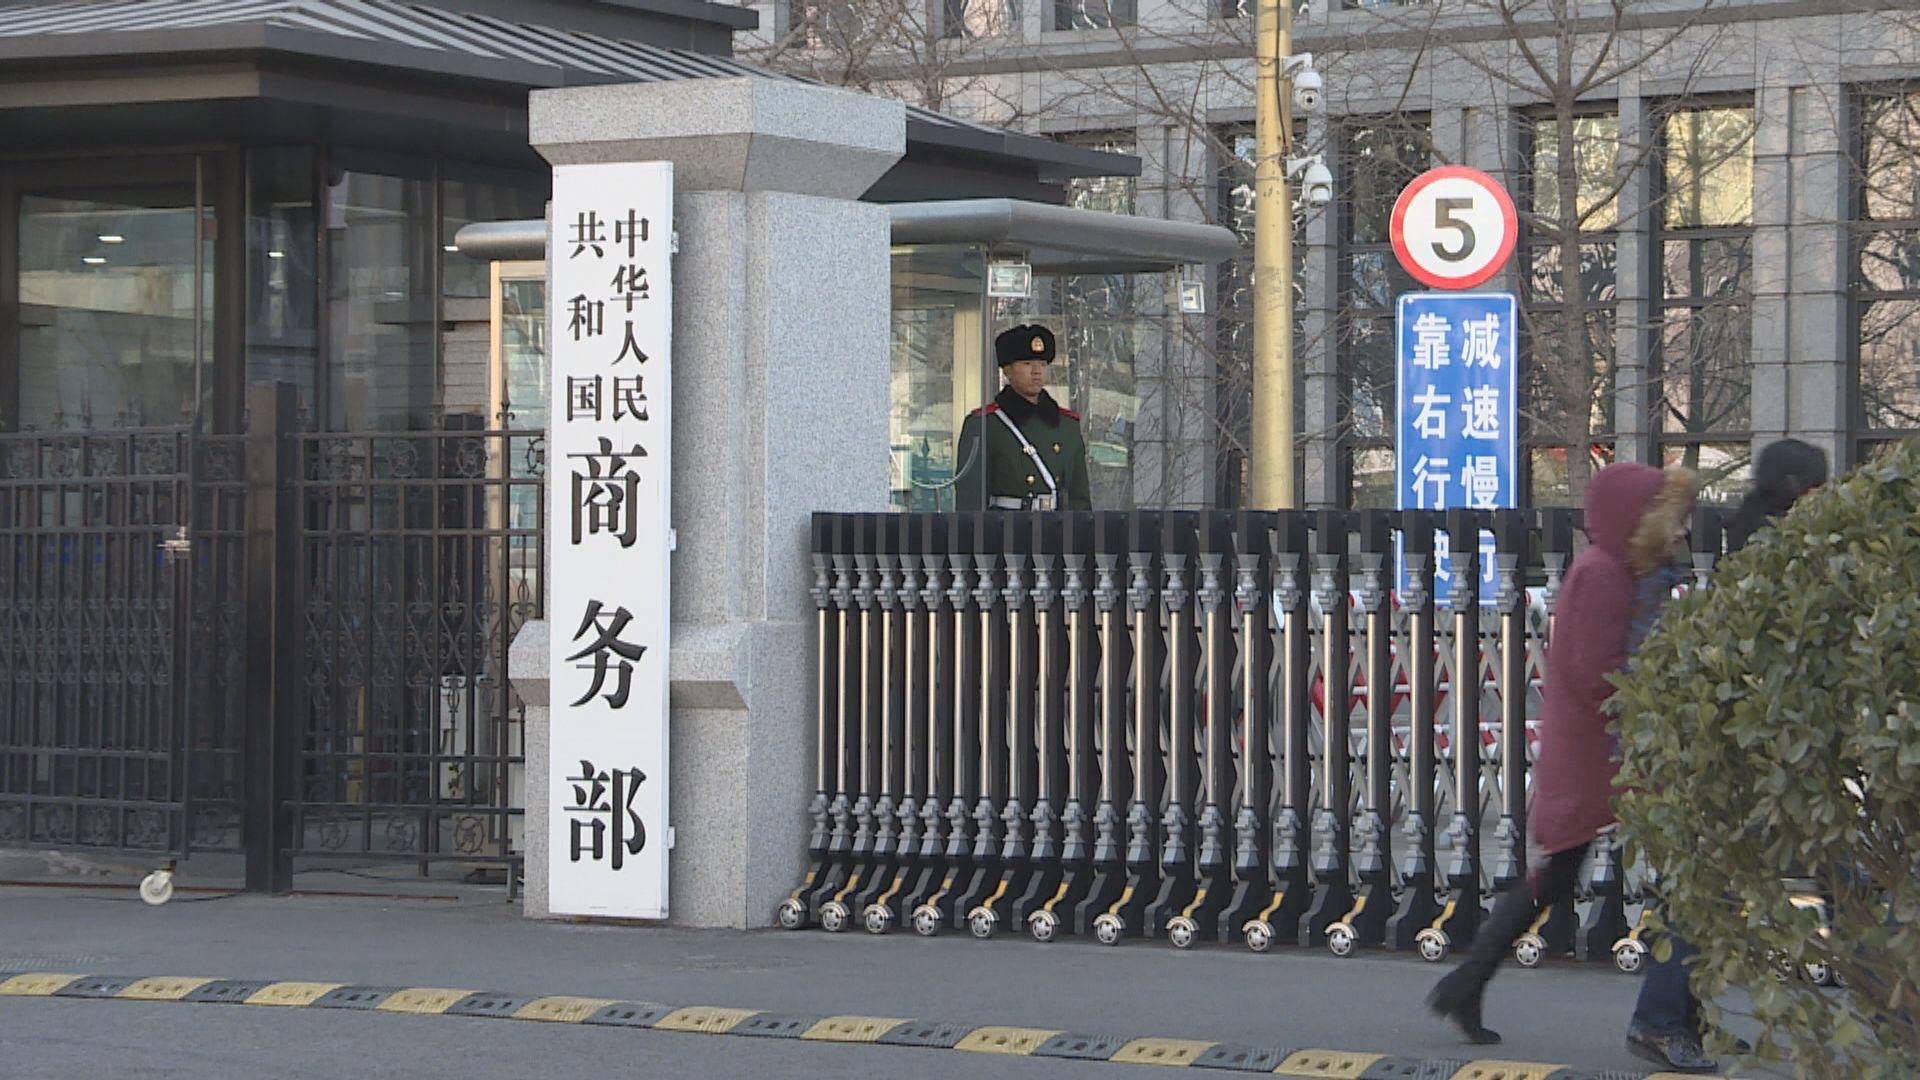 中國將採取措施回應三大電訊商遭紐交所除牌